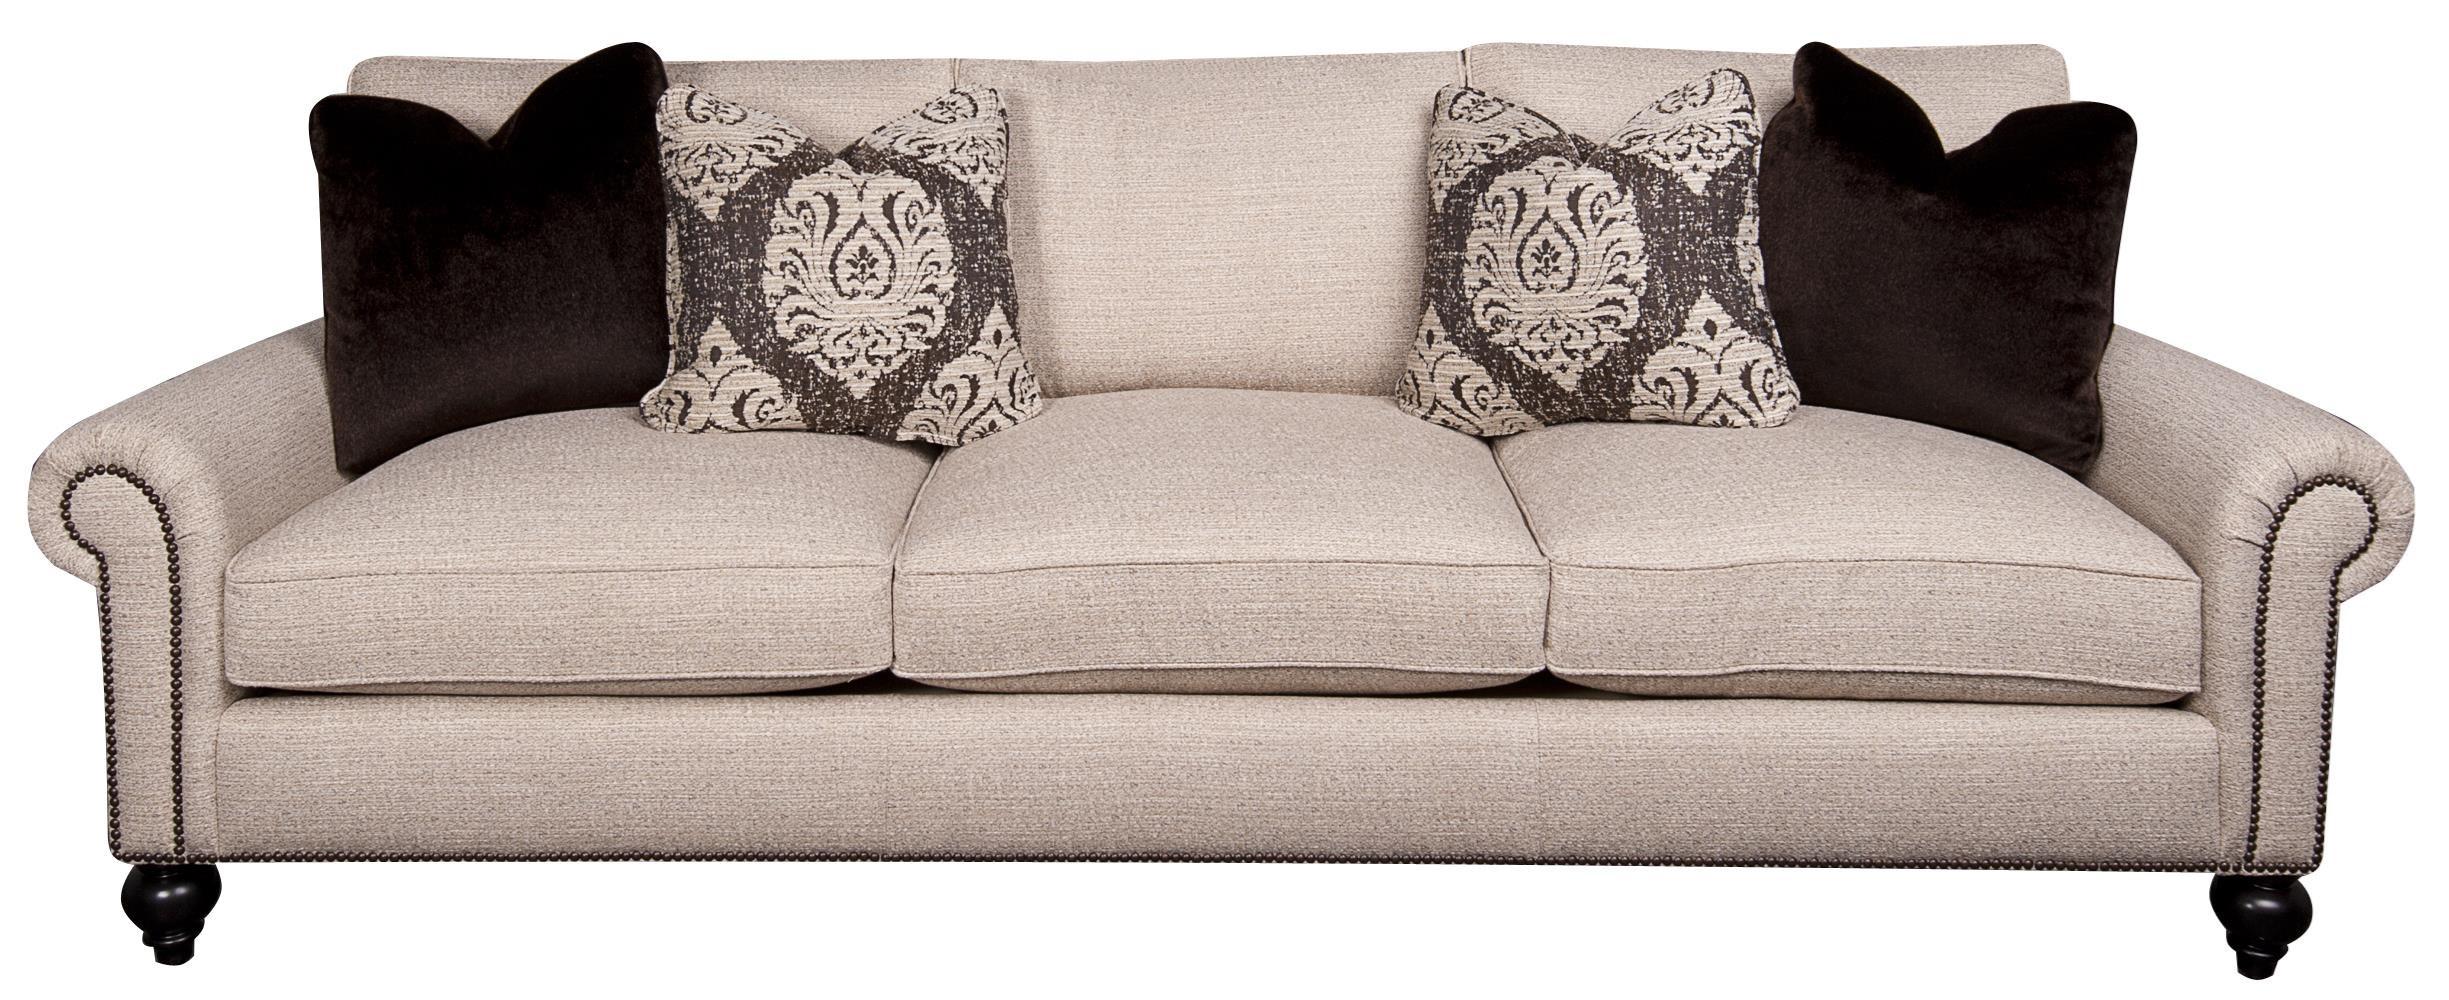 Bernhardt Signature Signature Sofa - Item Number: 118910265